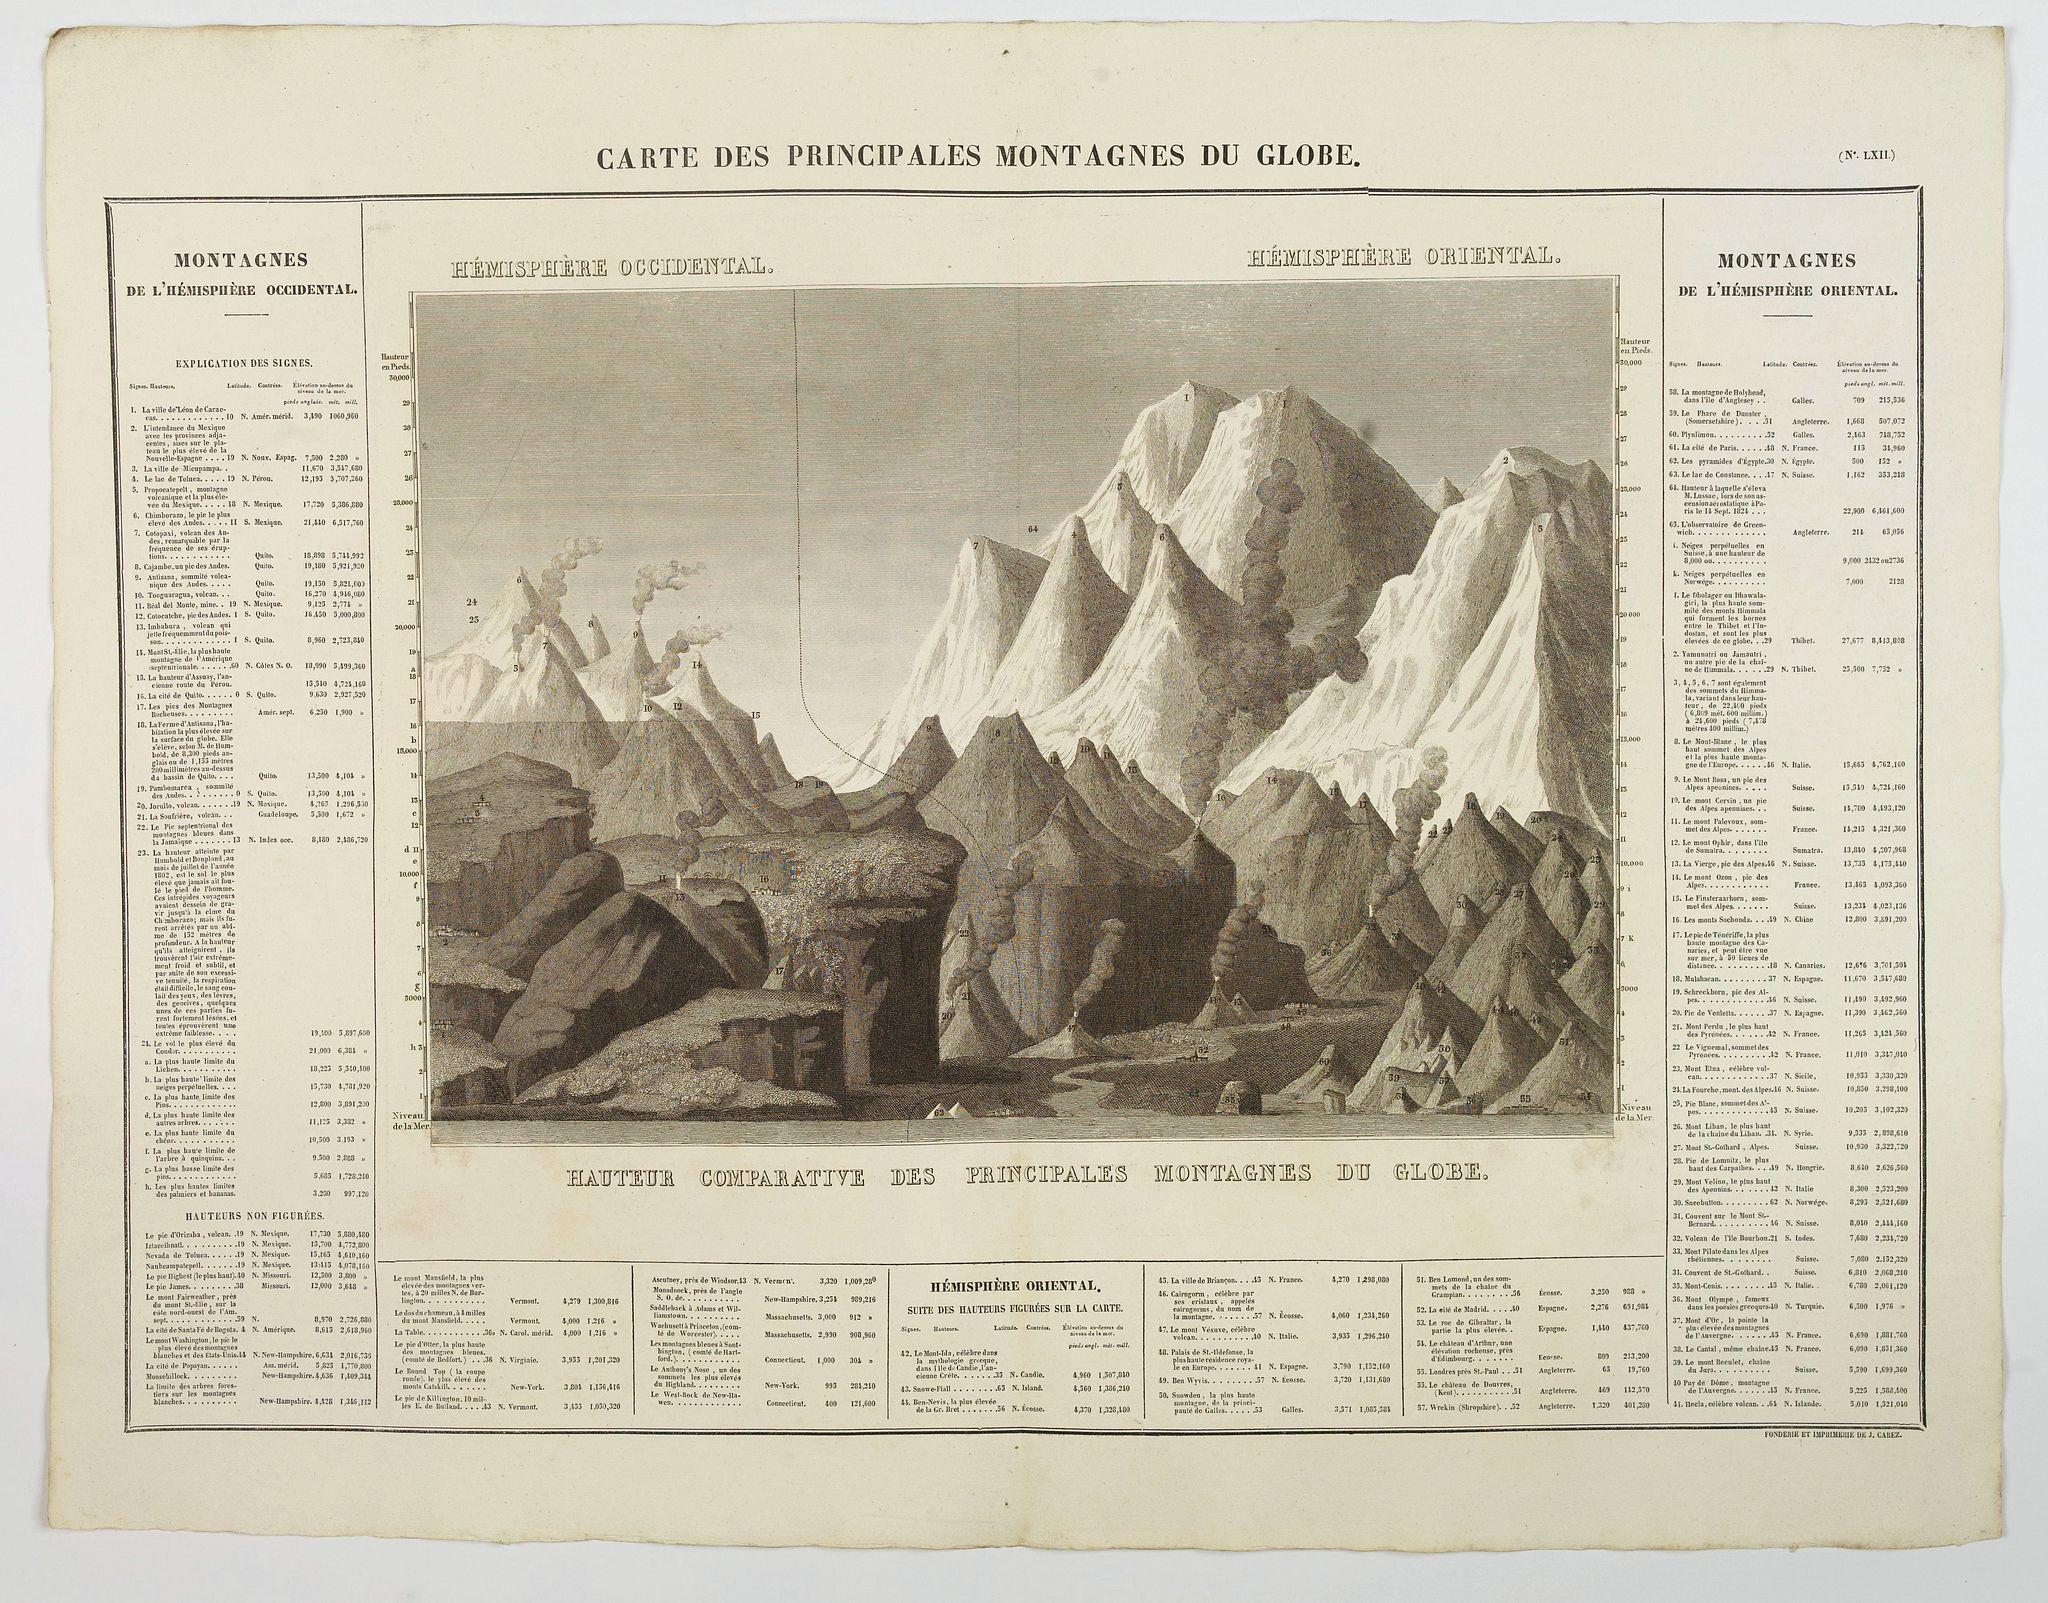 BUCHON, J.A. -  Carte des Principales Montagnes du Globe.